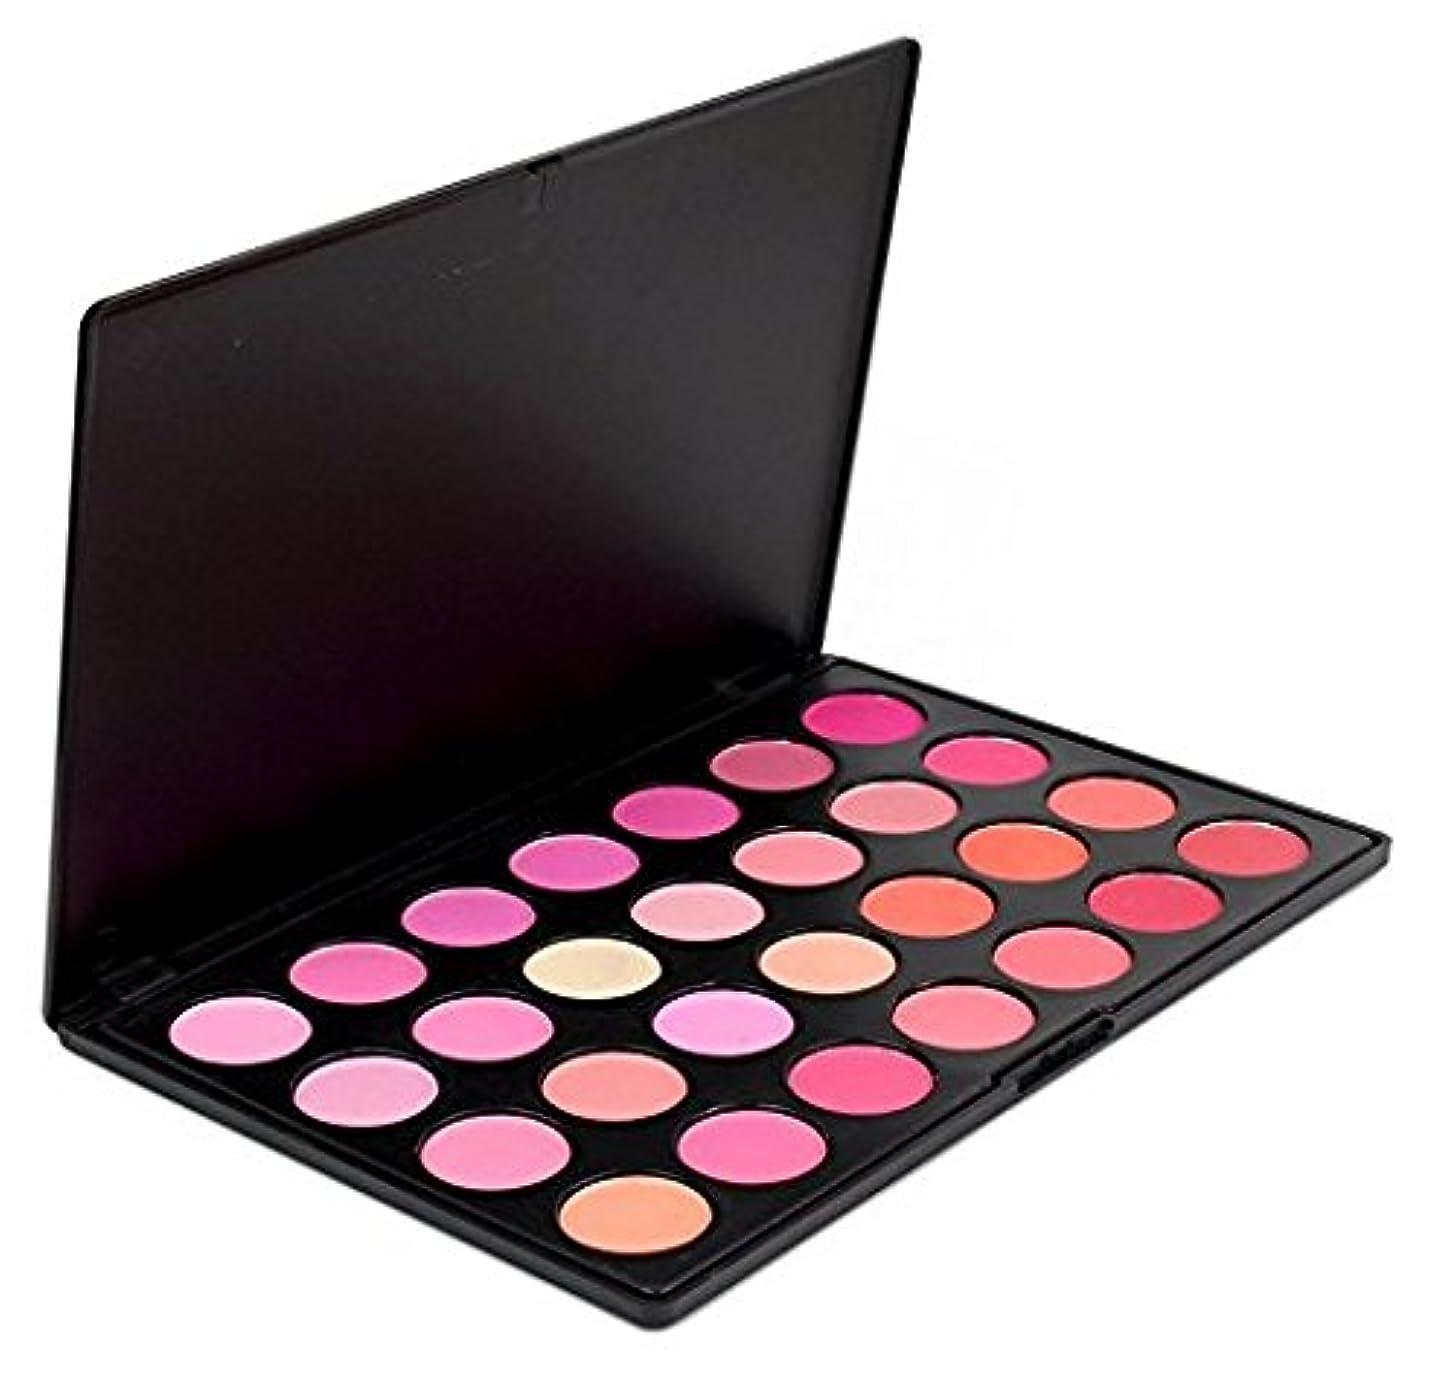 カポック動脈まともな(メイクアップエーシーシー) MakeupAcc プロ仕様28色チークカラーパレット チークメイク アイシャドウ コスメ 赤 ピンク オレンジ バラ色 肌色 [並行輸入品]